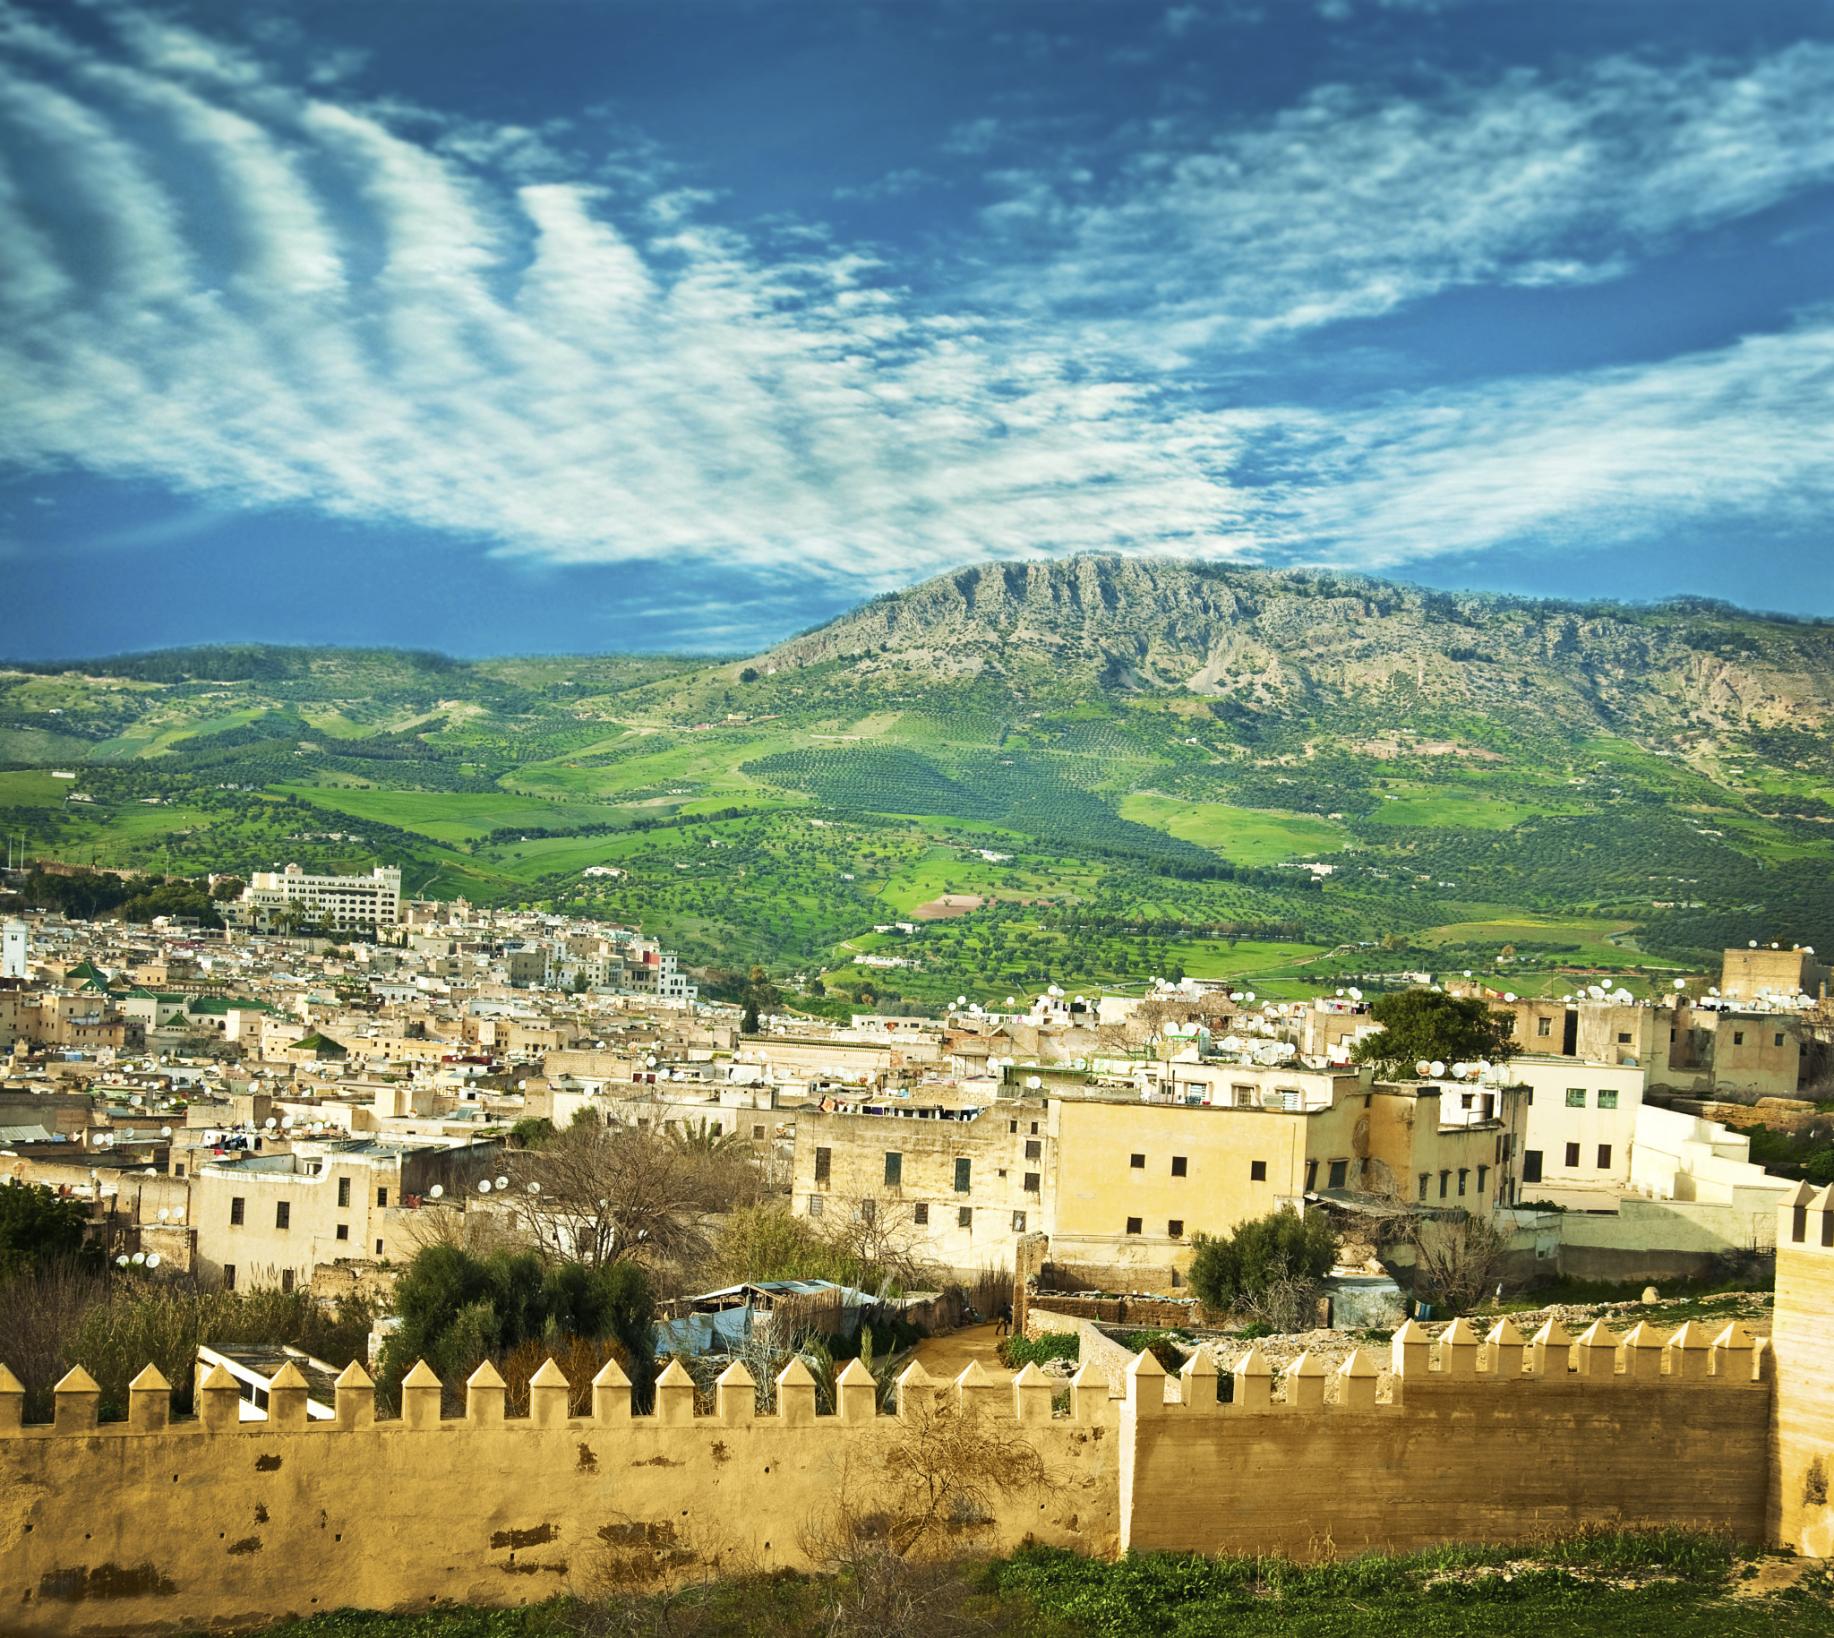 Πράσινοι λόφοι γύρω απ' τη μεντίνα της Φεζ - διακοπές στο Μαρόκο